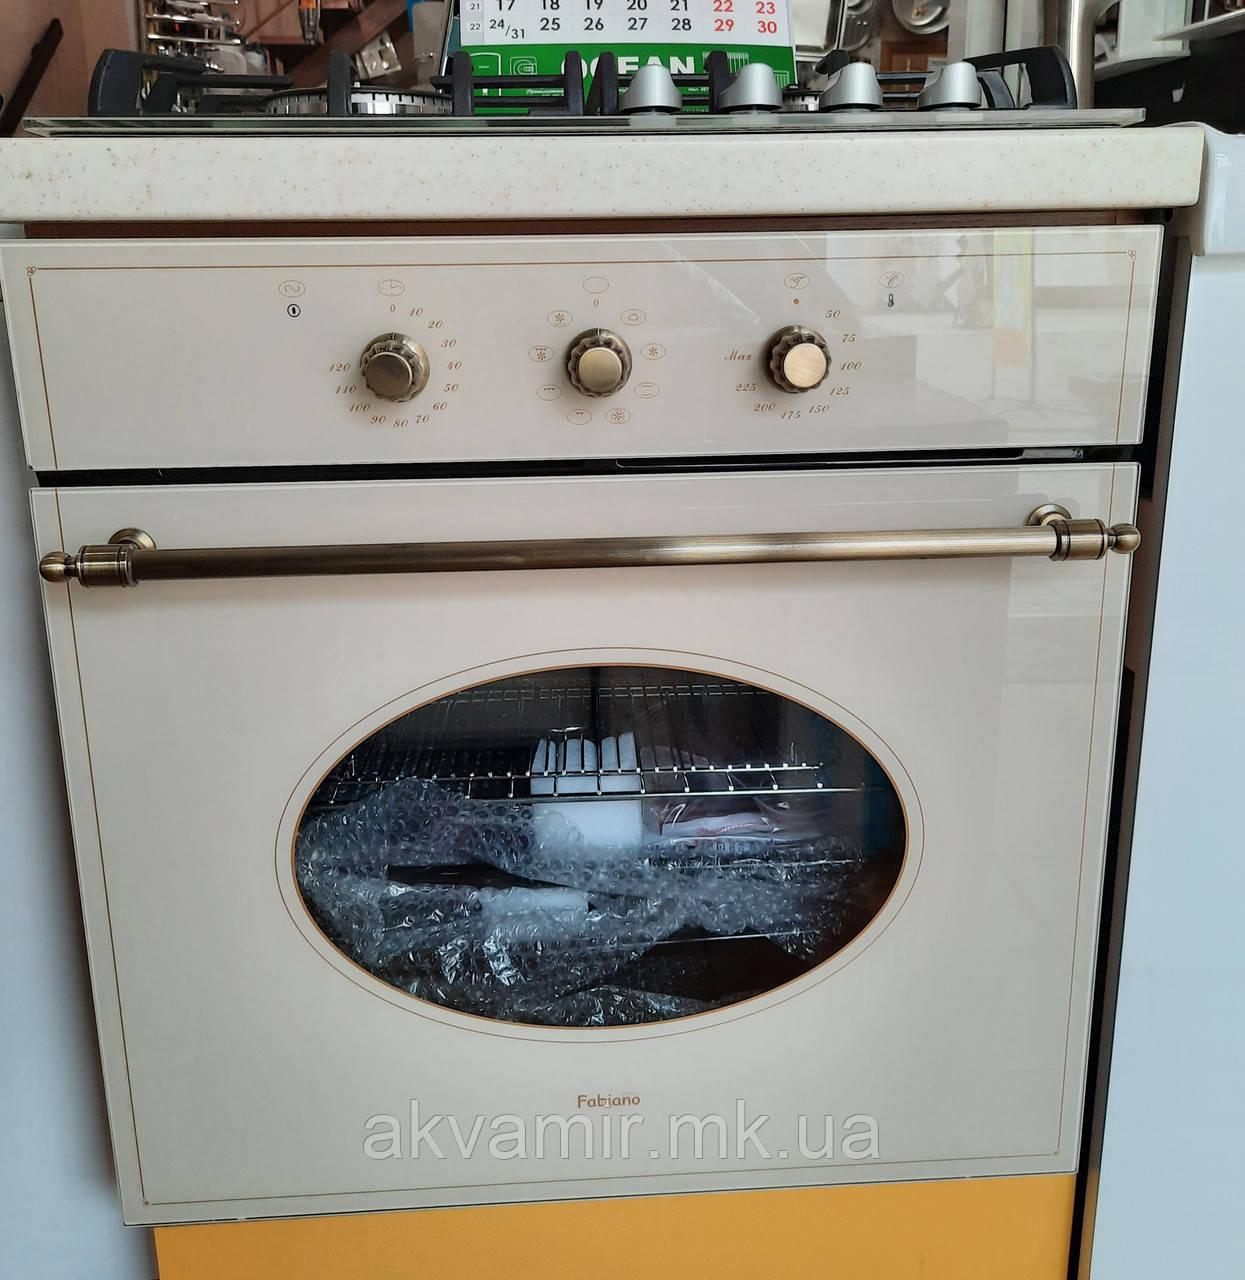 Духовой шкаф Fabiano FBO-R 42 Cream (кремовое стекло) электрический